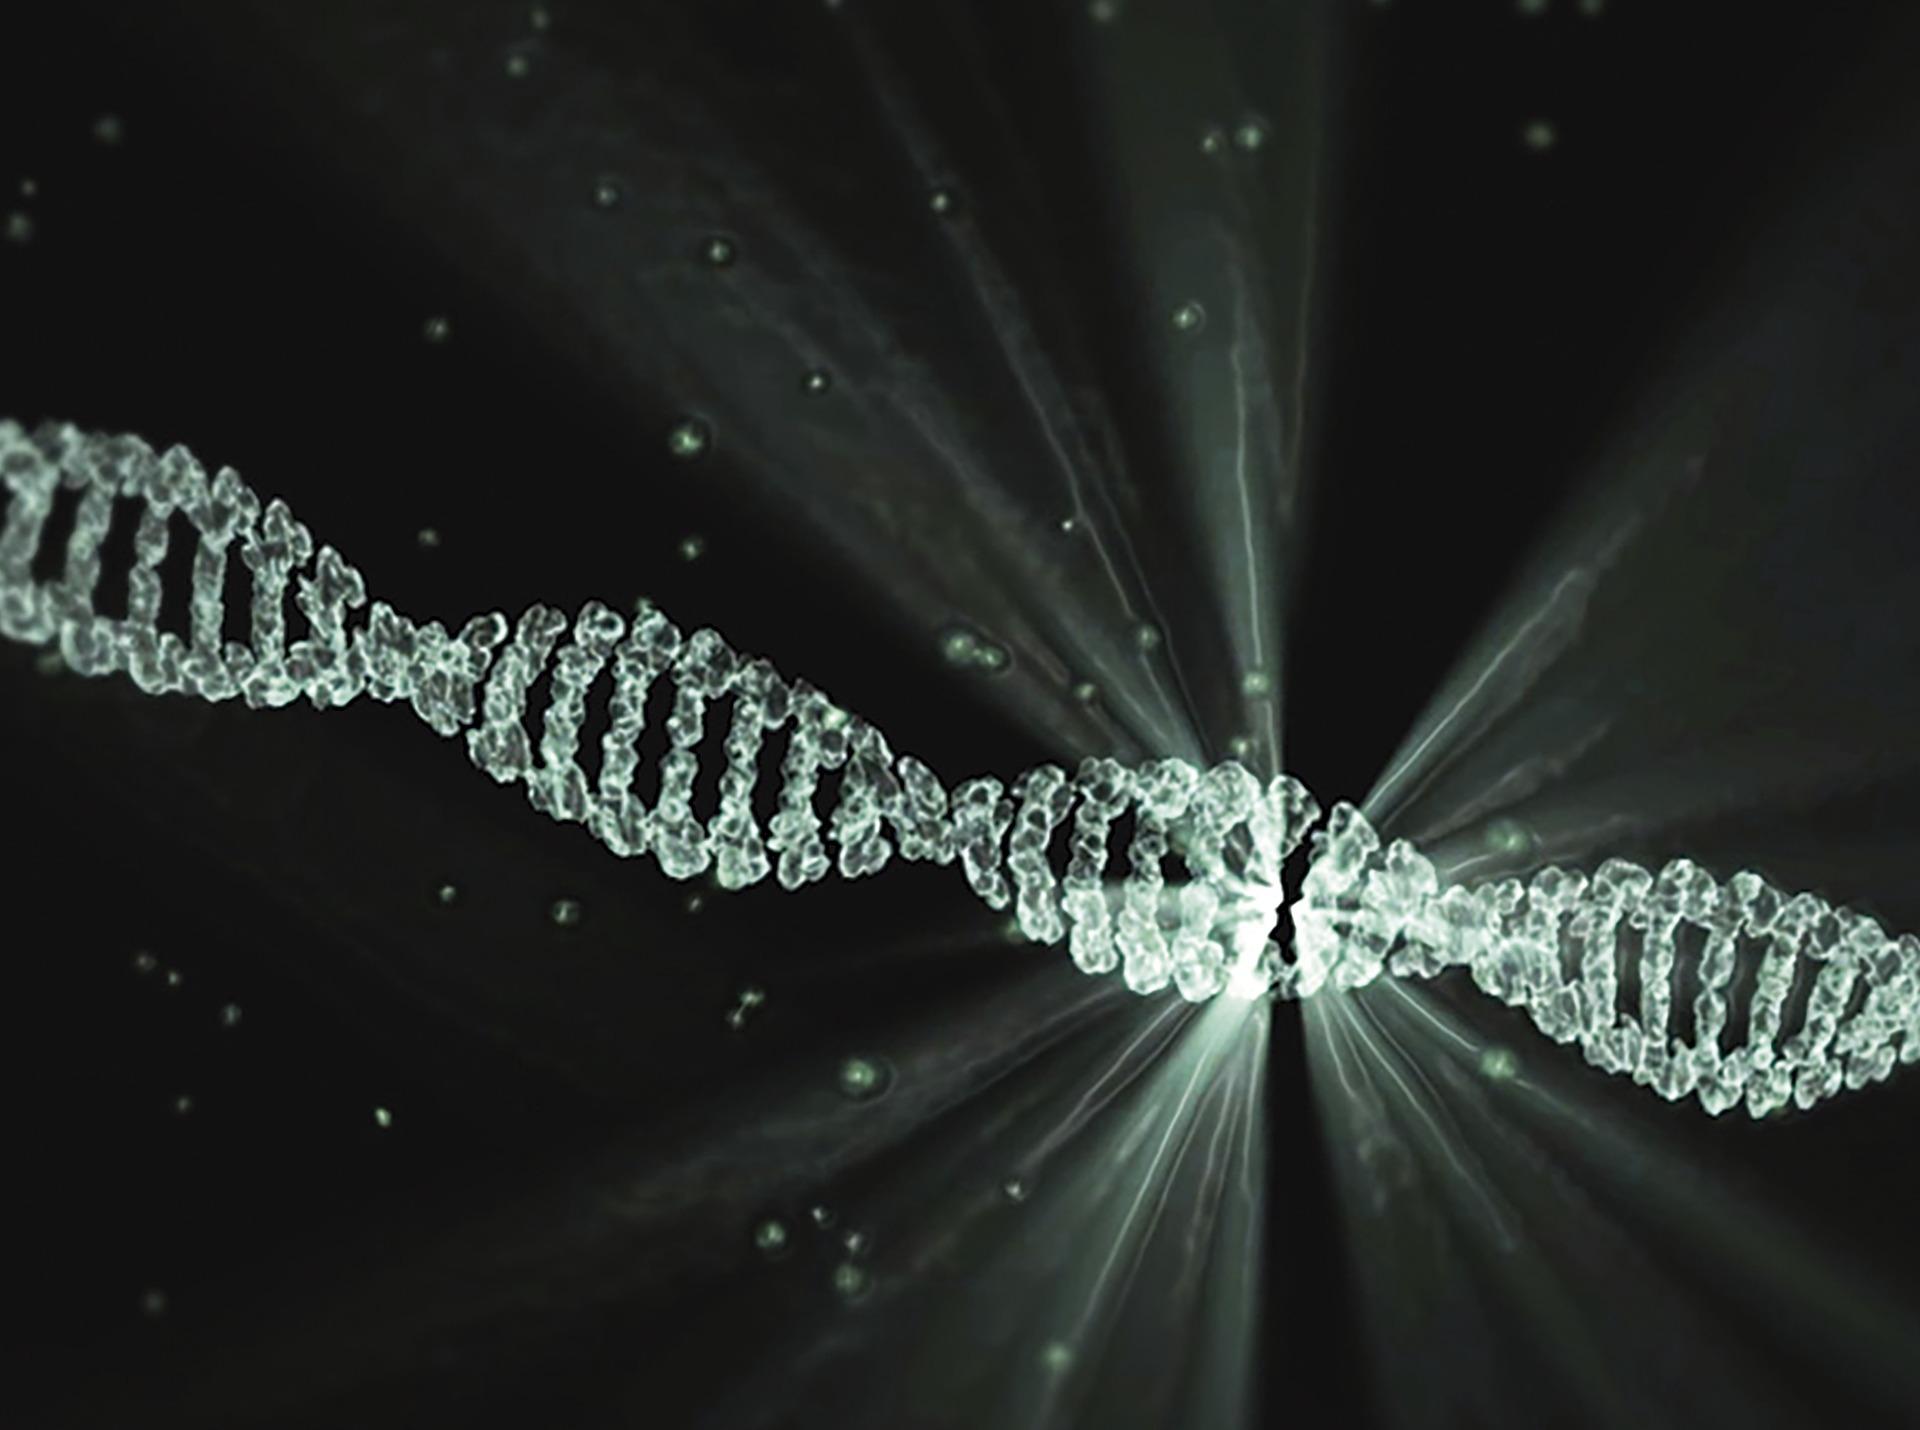 imagen de La enzima XPG interviene en el proceso de reparación del ADN. / Pixabay